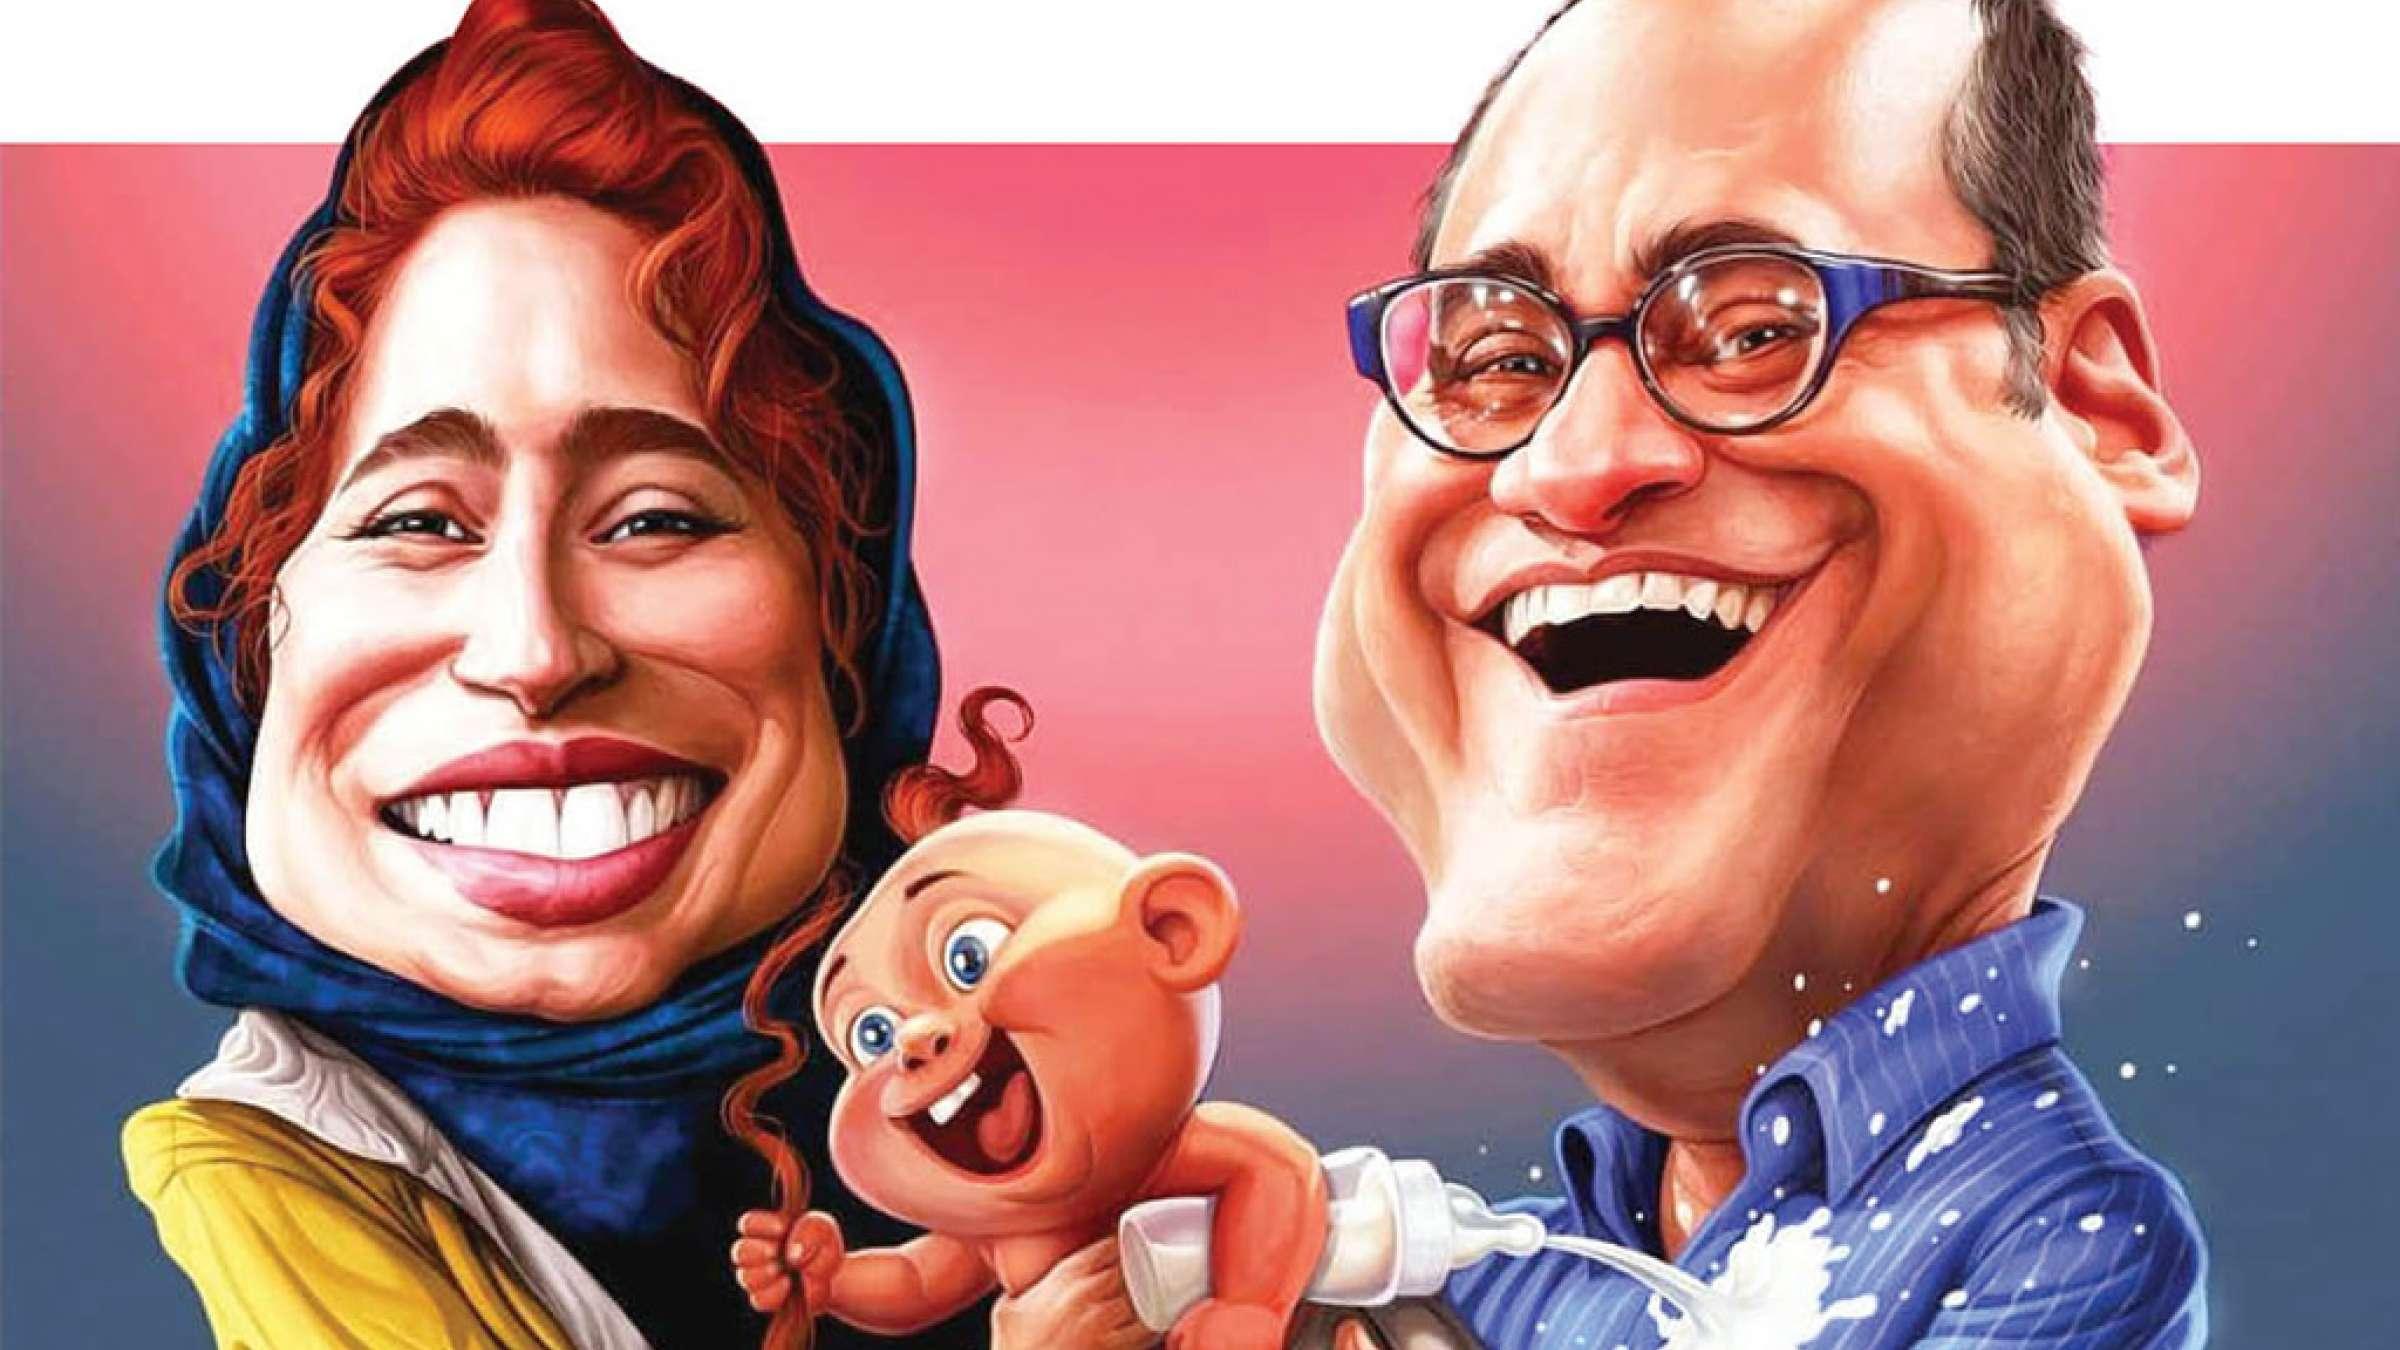 رامبدجوان-و-تولد-فرزندش-در-کانادا-ناظمزاده-فیلم